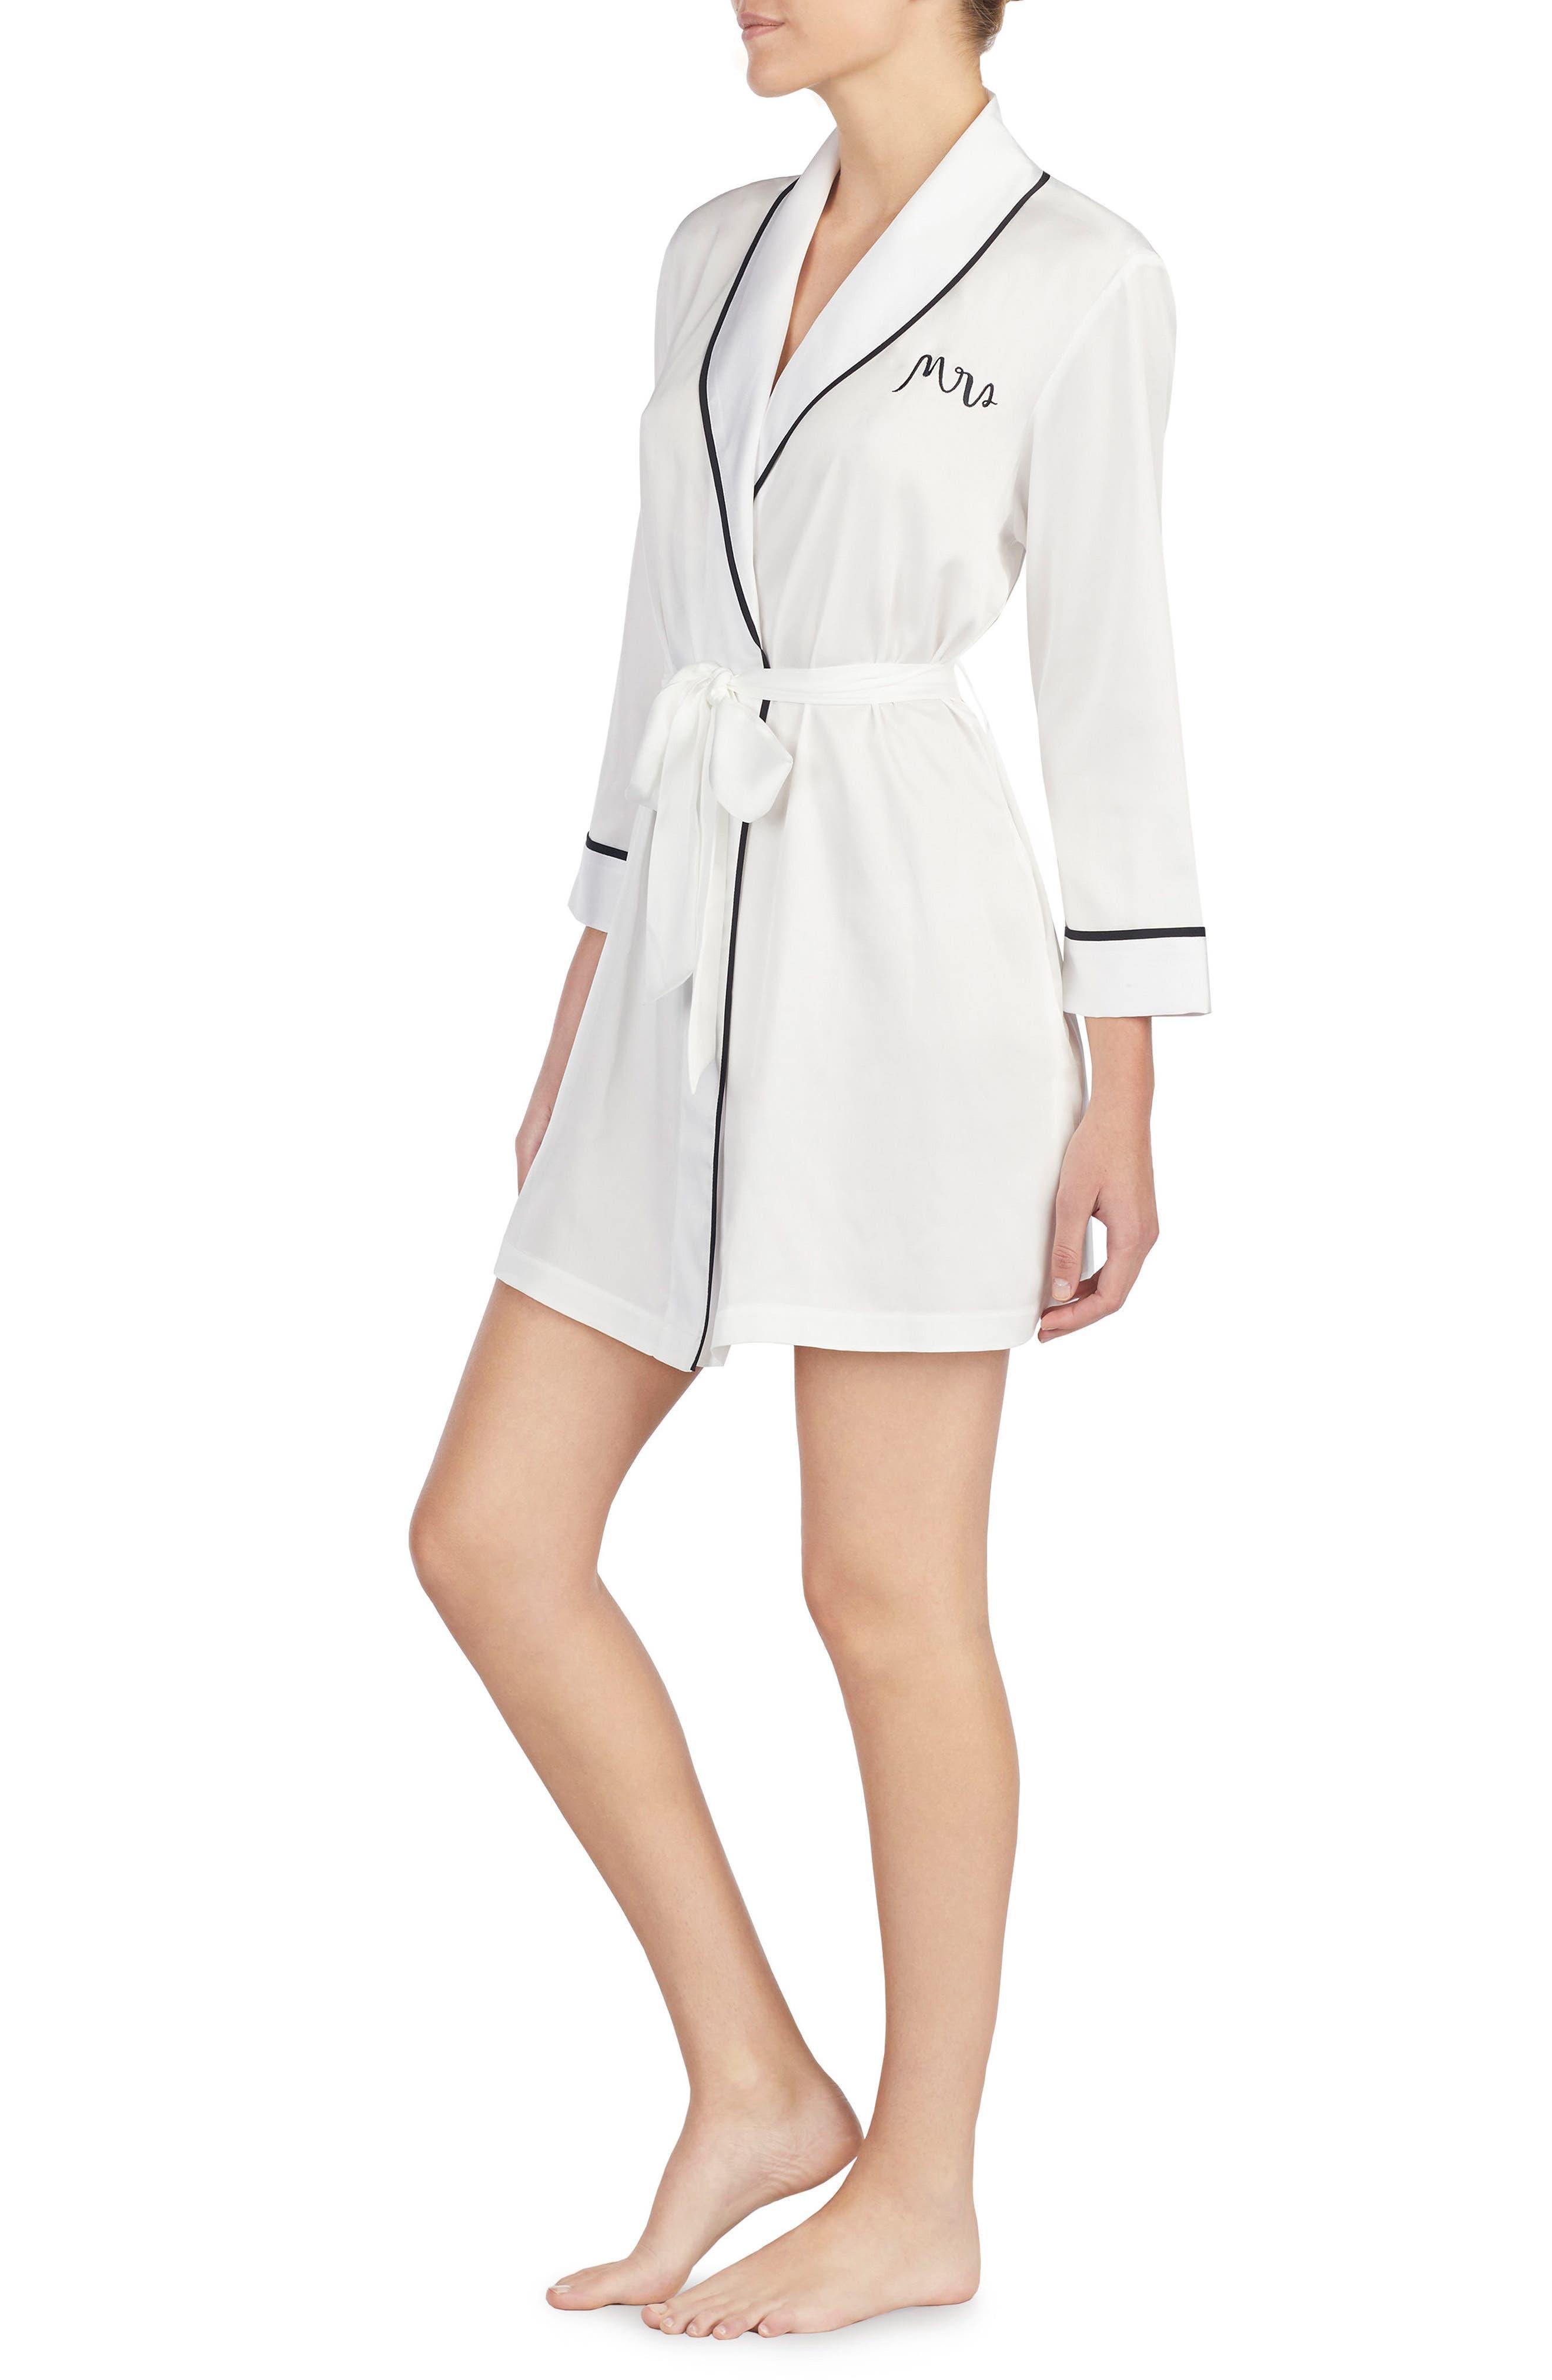 KATE SPADE NEW YORK, mrs charmeuse short robe, Alternate thumbnail 3, color, OFF WHITE